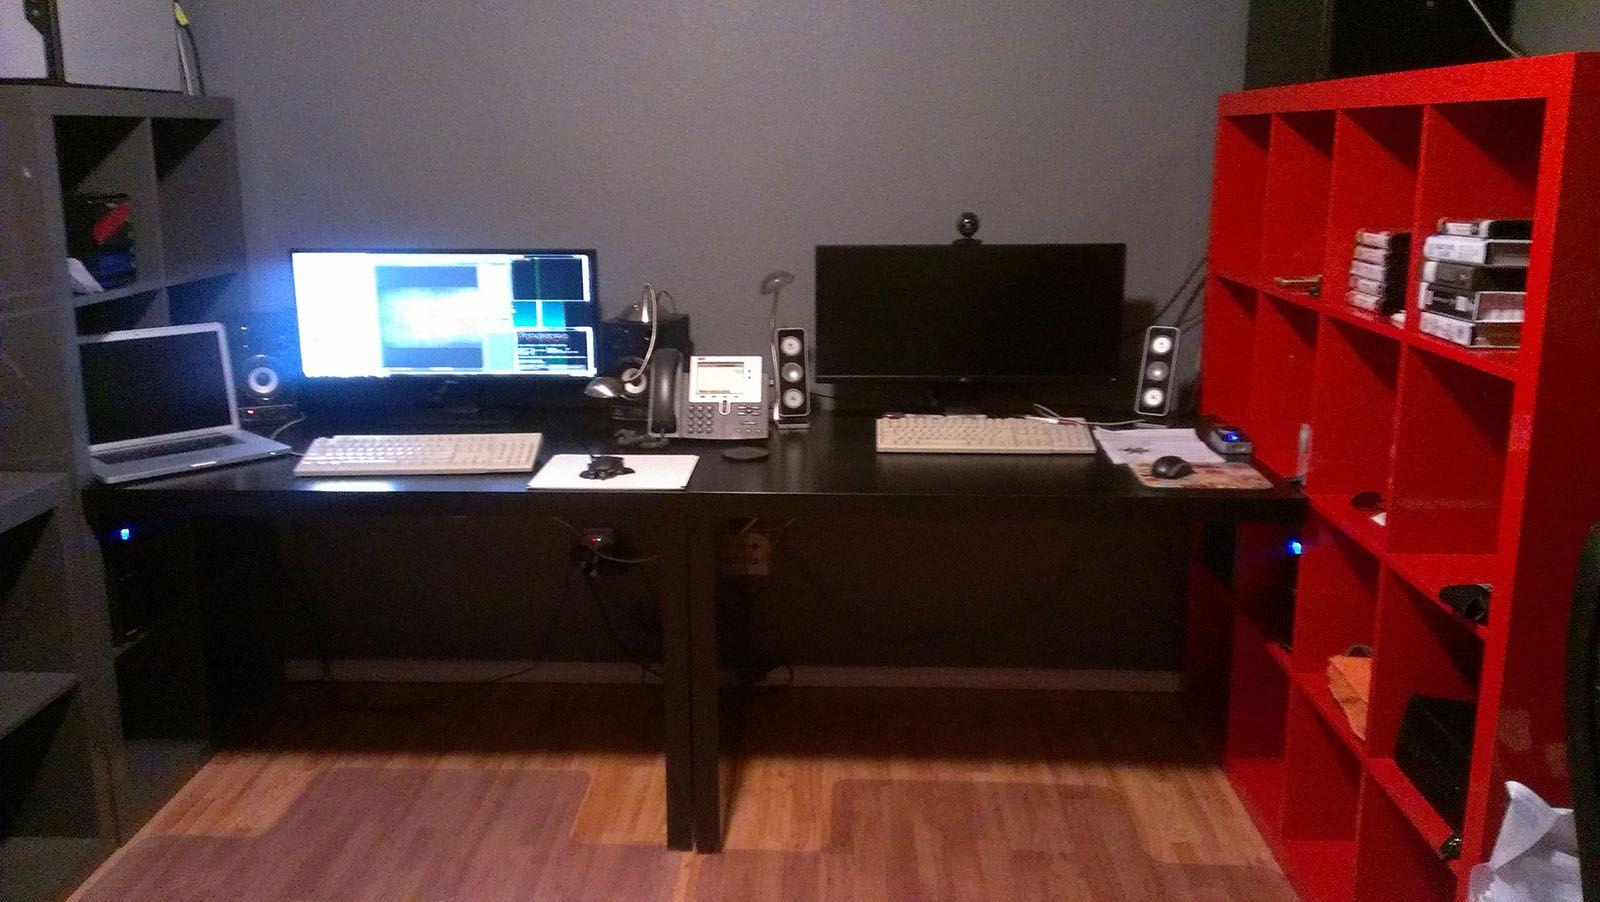 His Hers Battlestations Battlestation Game Room Room Design